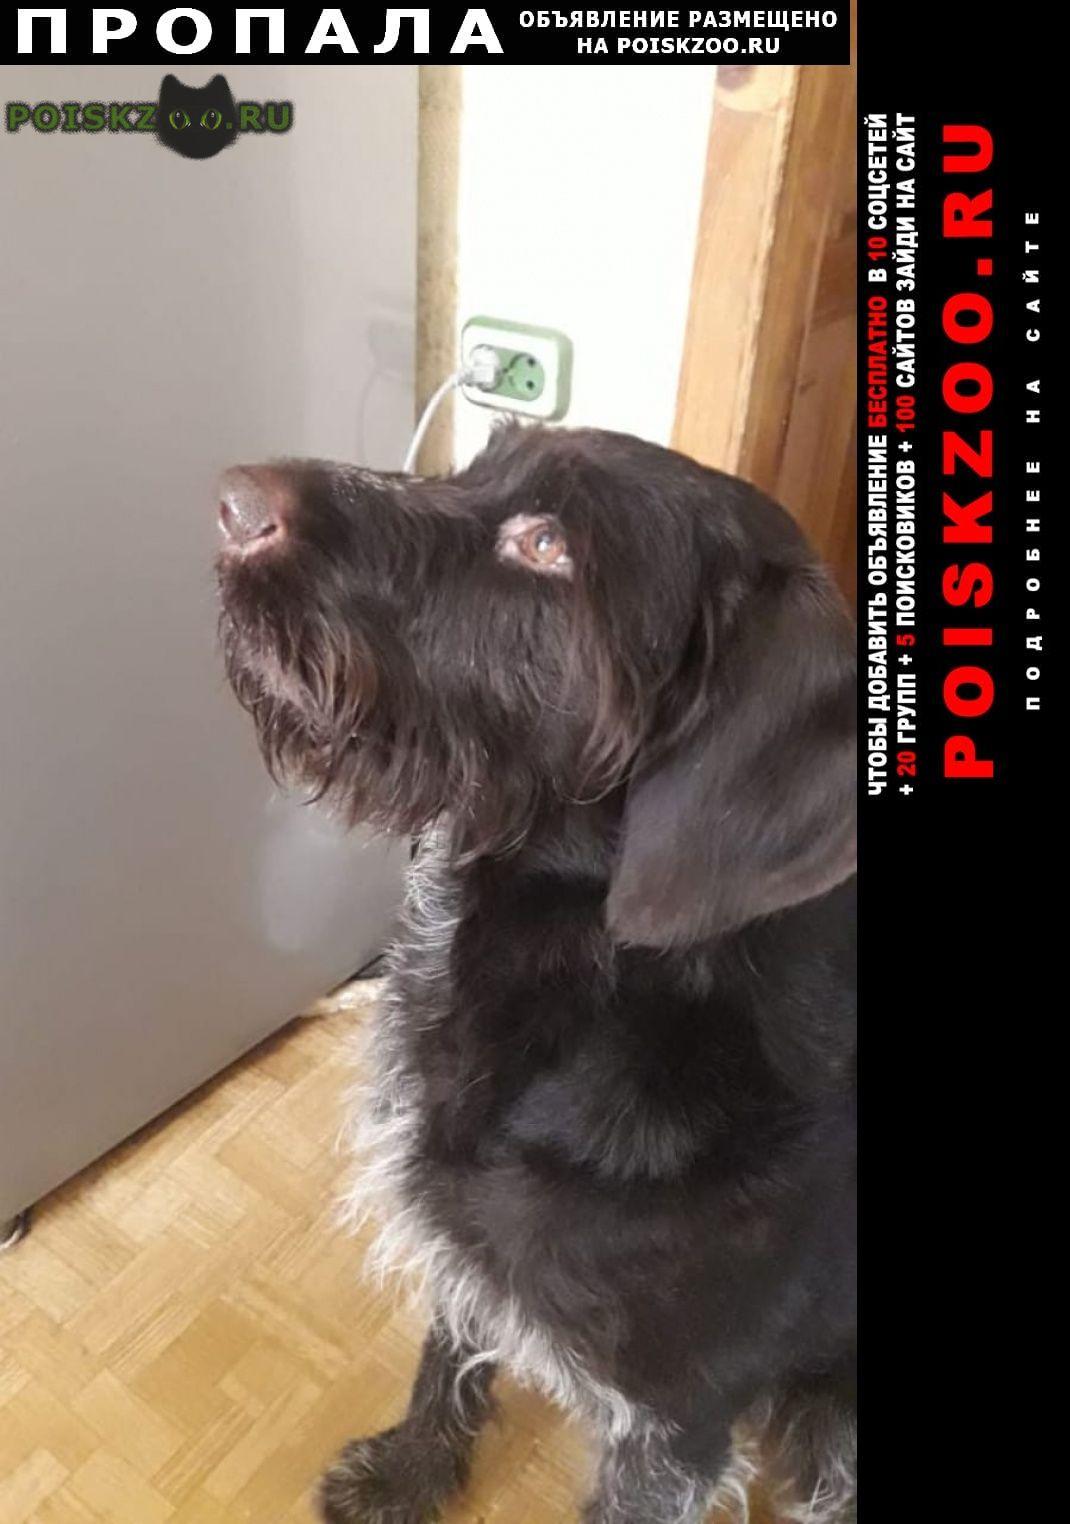 Пропала собака кобель немецкая легавая г.Ломоносов